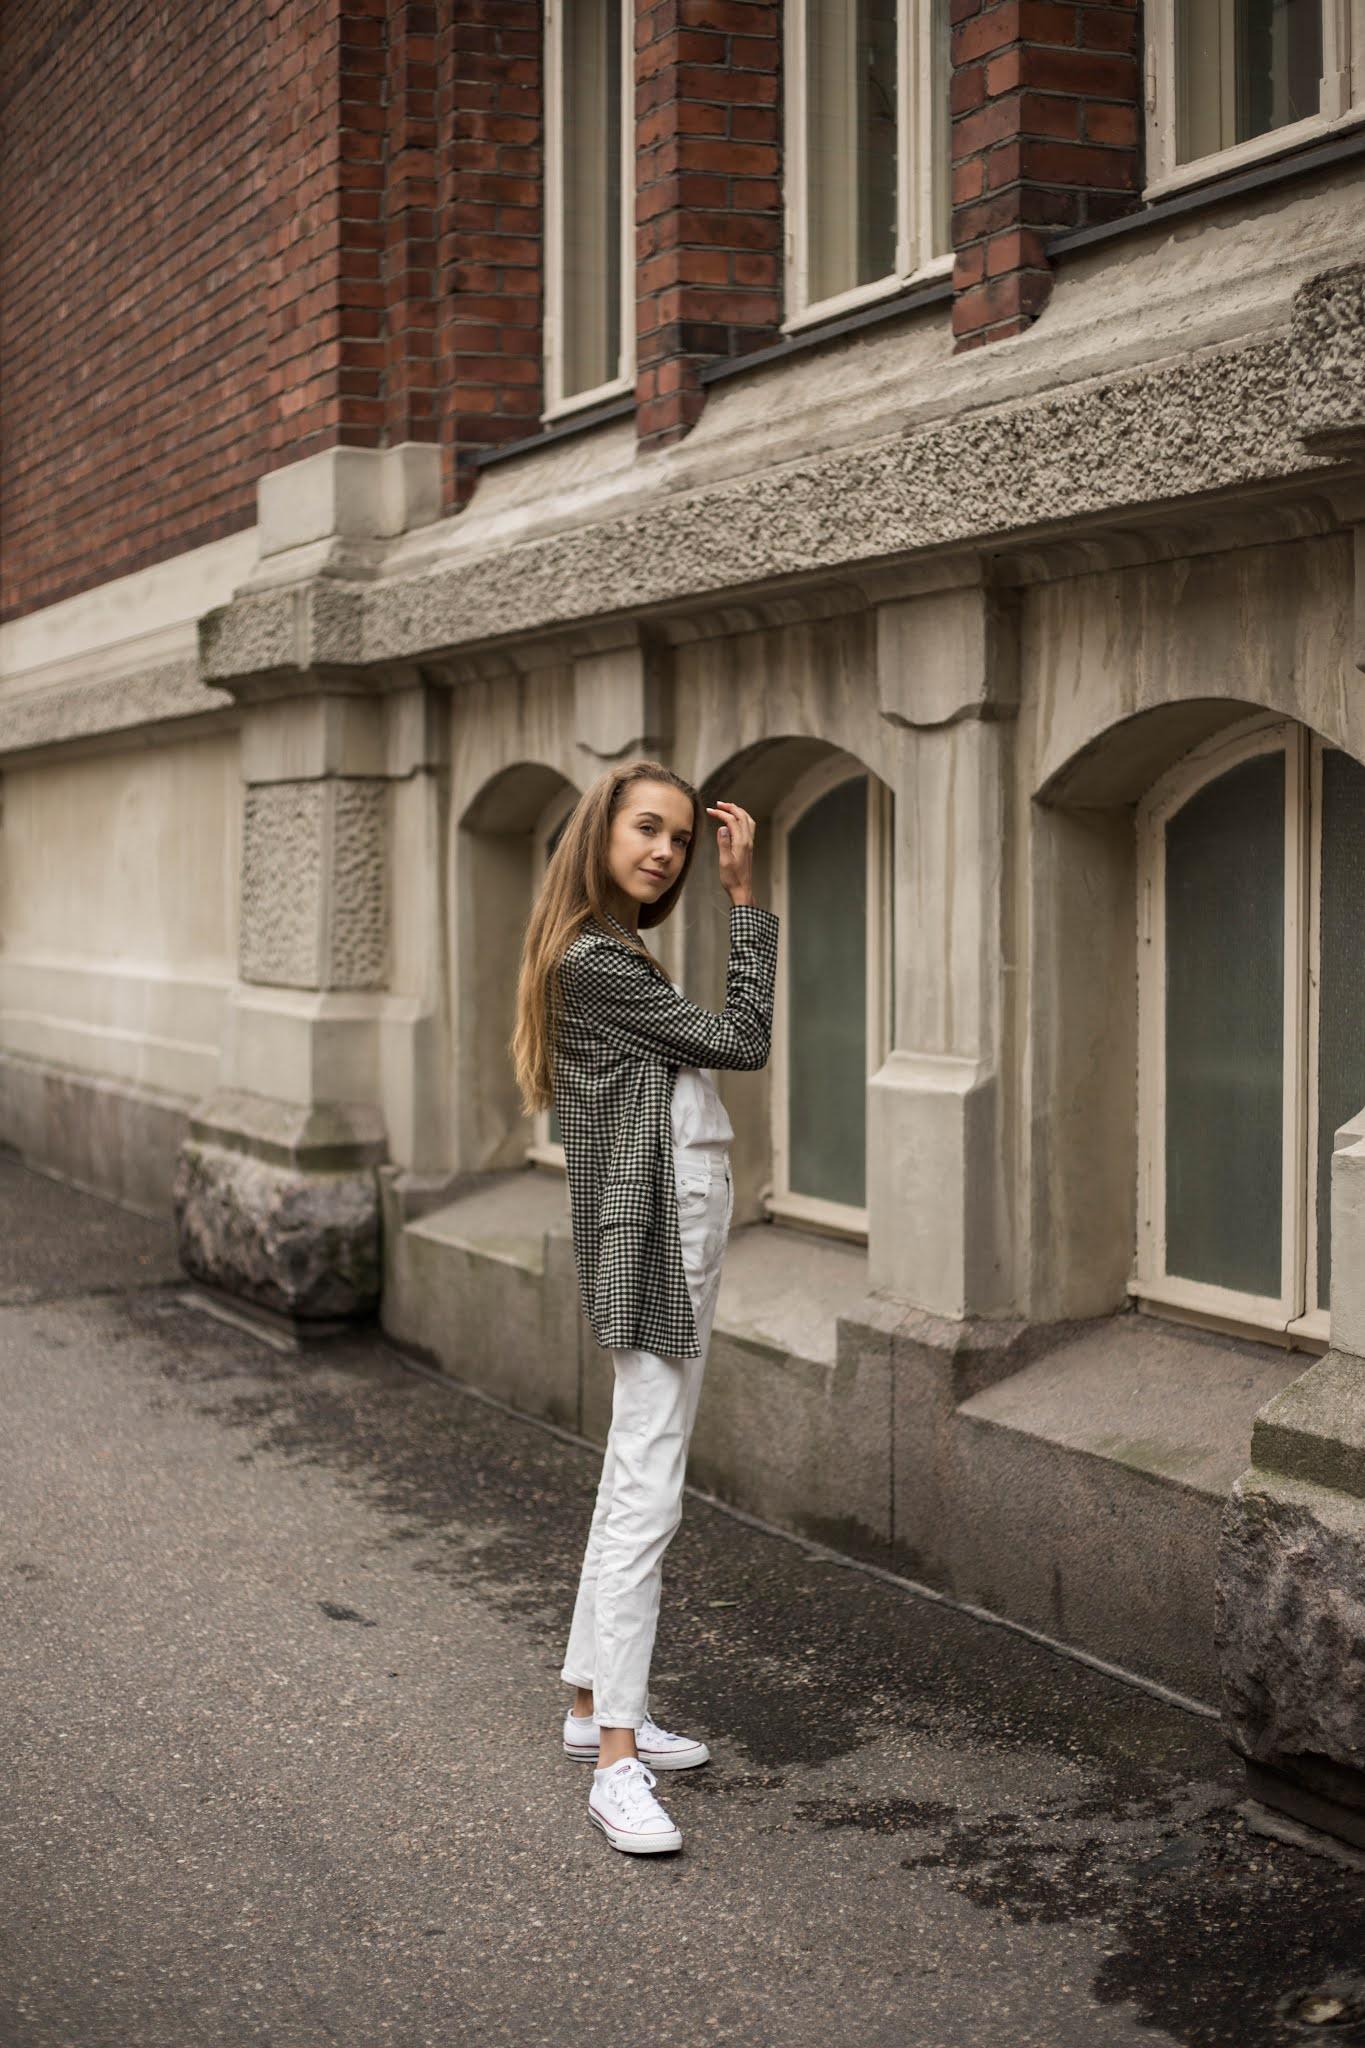 Kuinka käyttää kokovalkoista asua syksyllä // How to wear all white in autumn